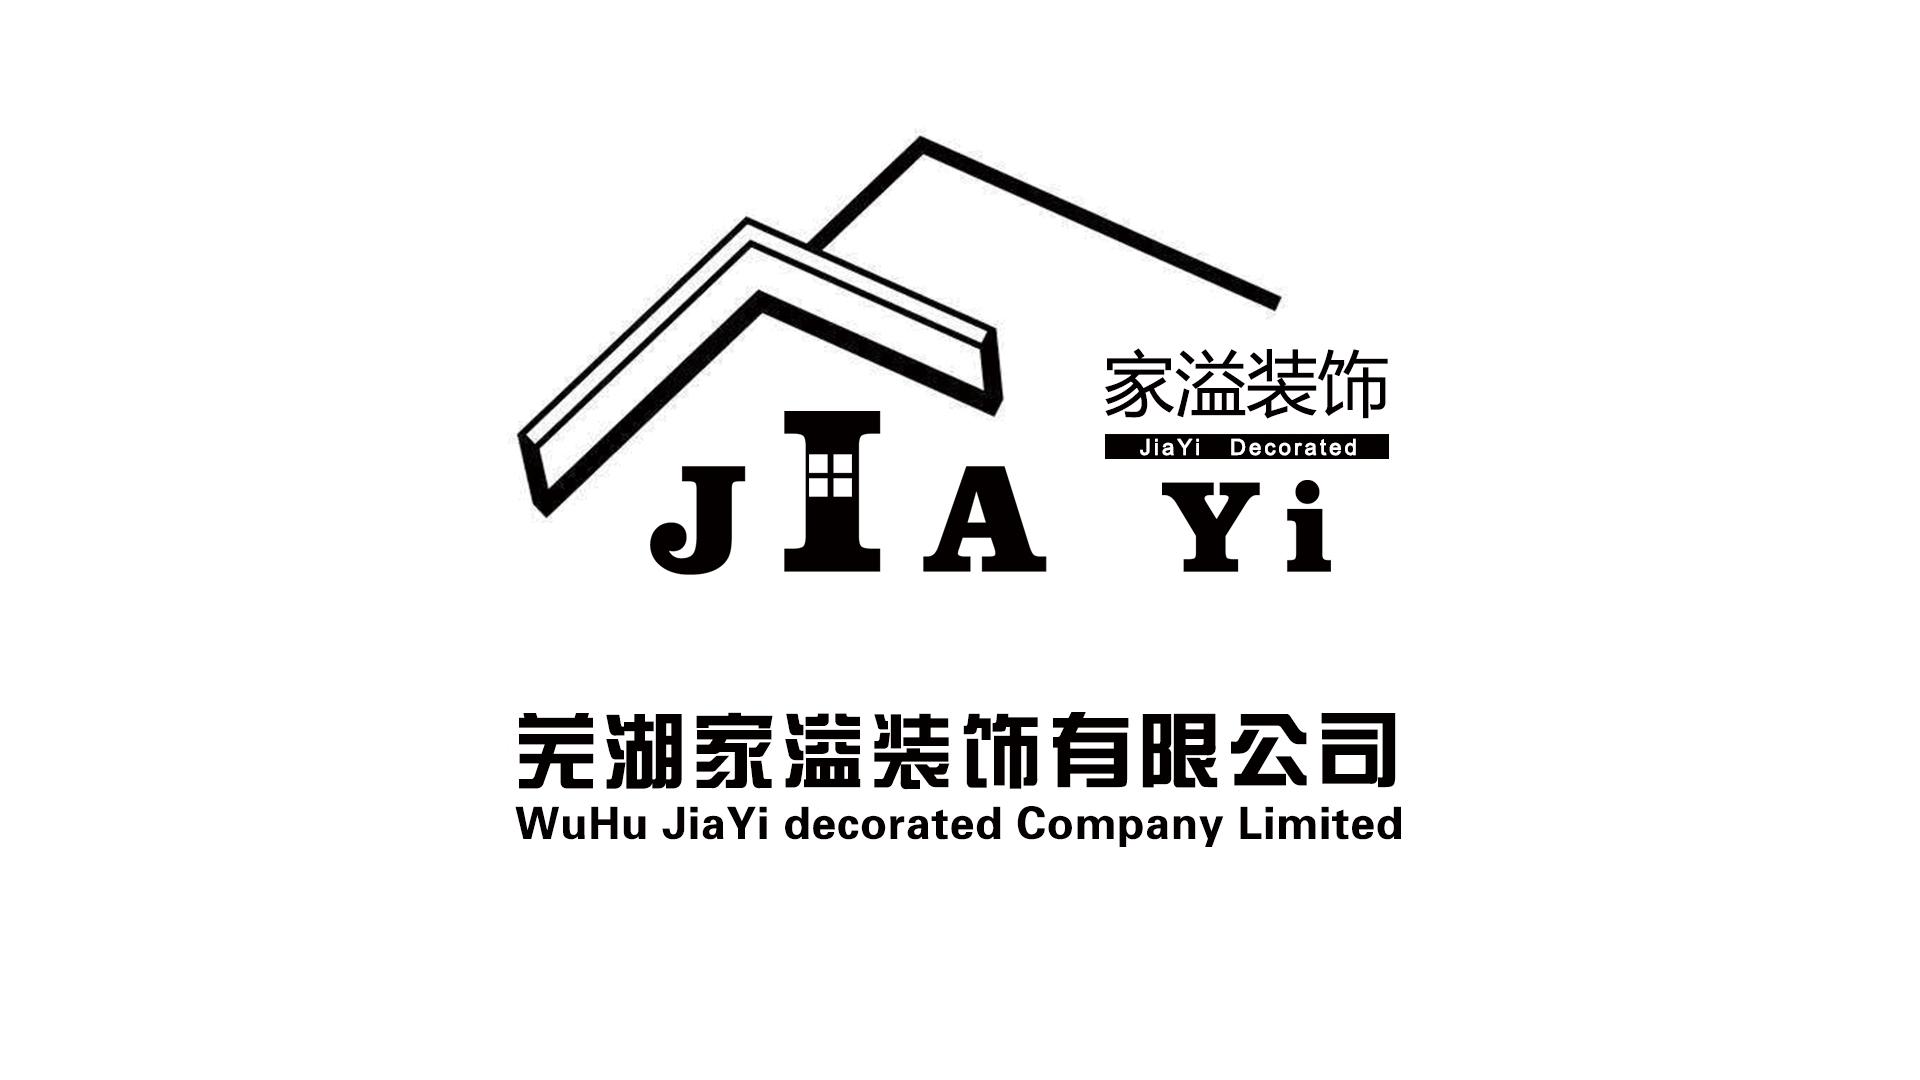 芜湖家溢装饰有限公司